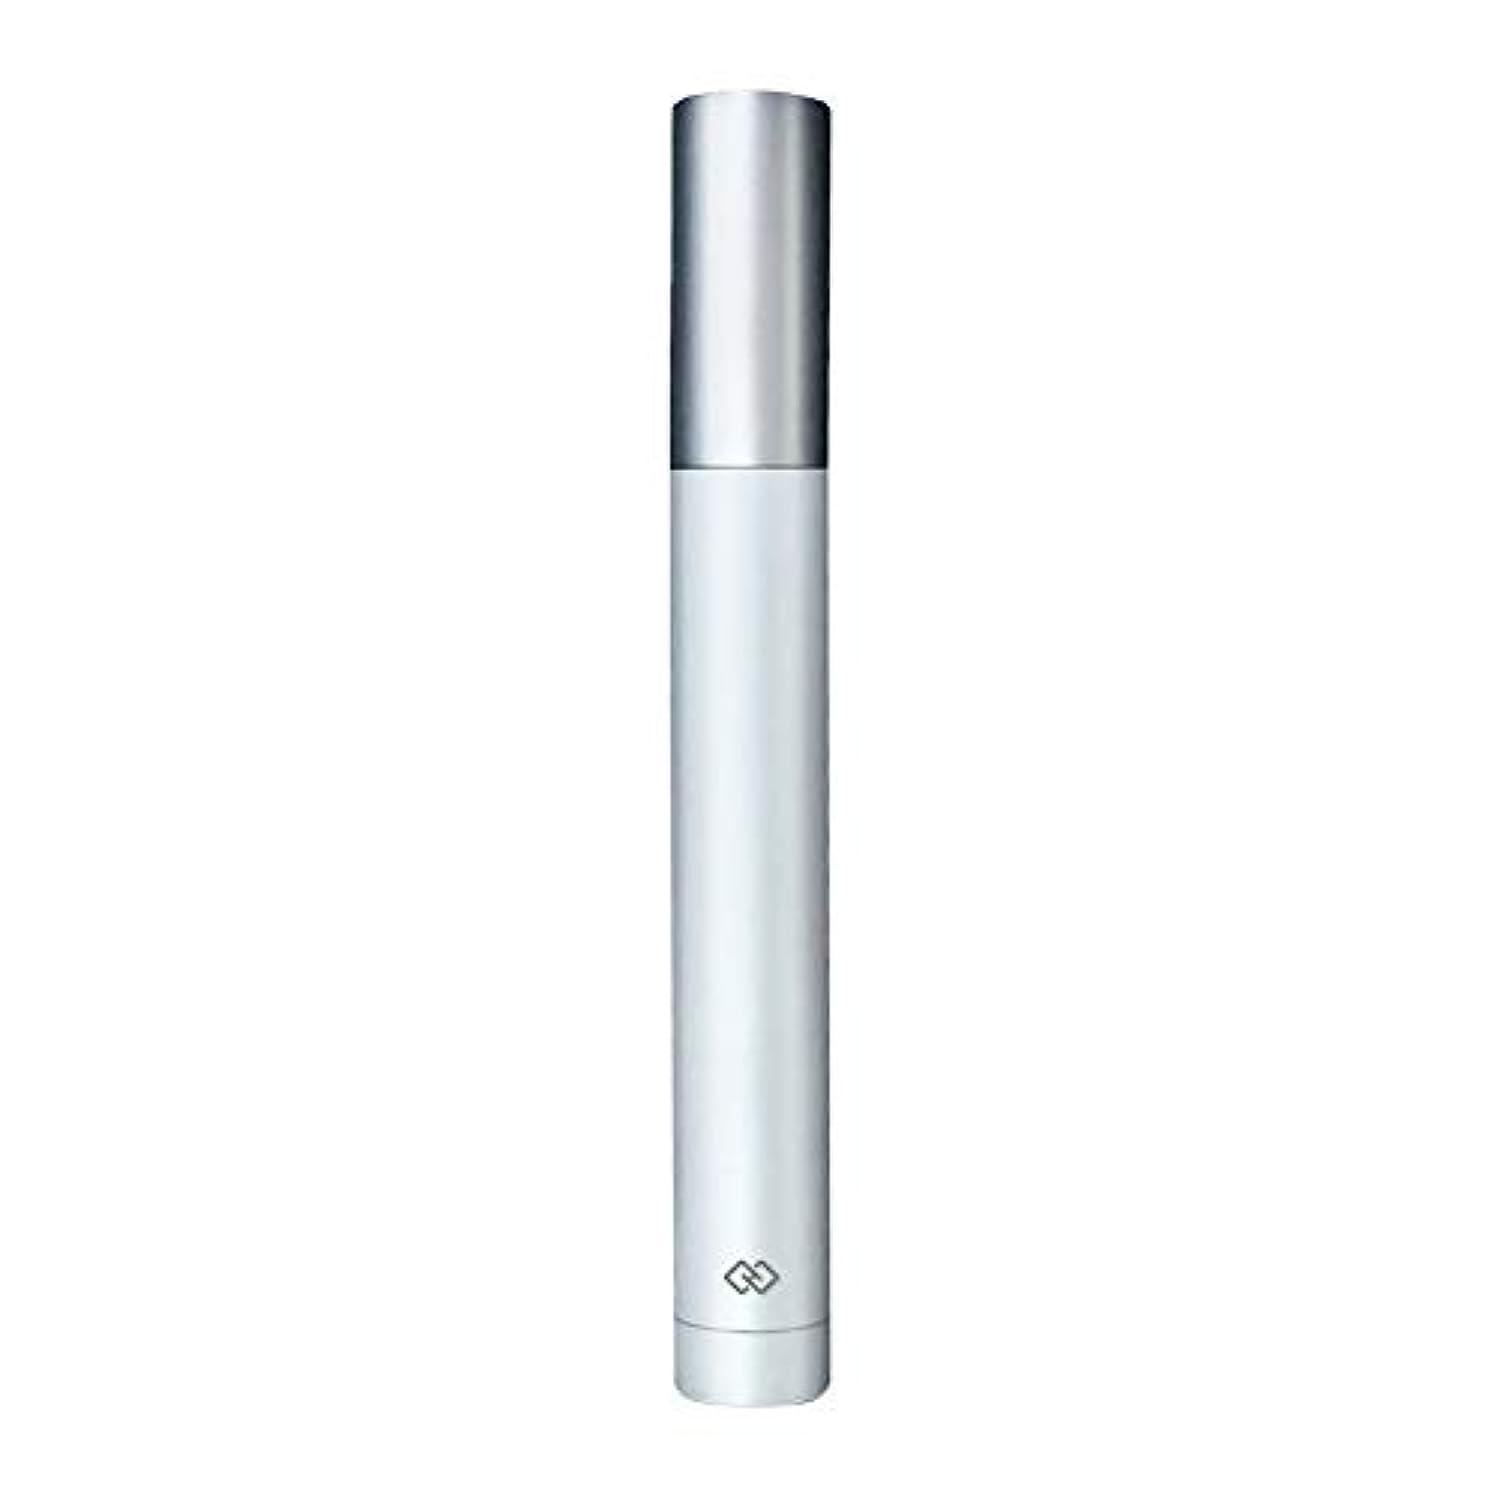 病気プール部門鼻毛トリマー-密閉防水効果/シングルカッターヘッドシャープで耐久性のある/男性用剃毛鼻毛はさみ/ポータブルデザイン、旅行に便利/ 12.9 * 1.65cm 操作が簡単 (Color : White)